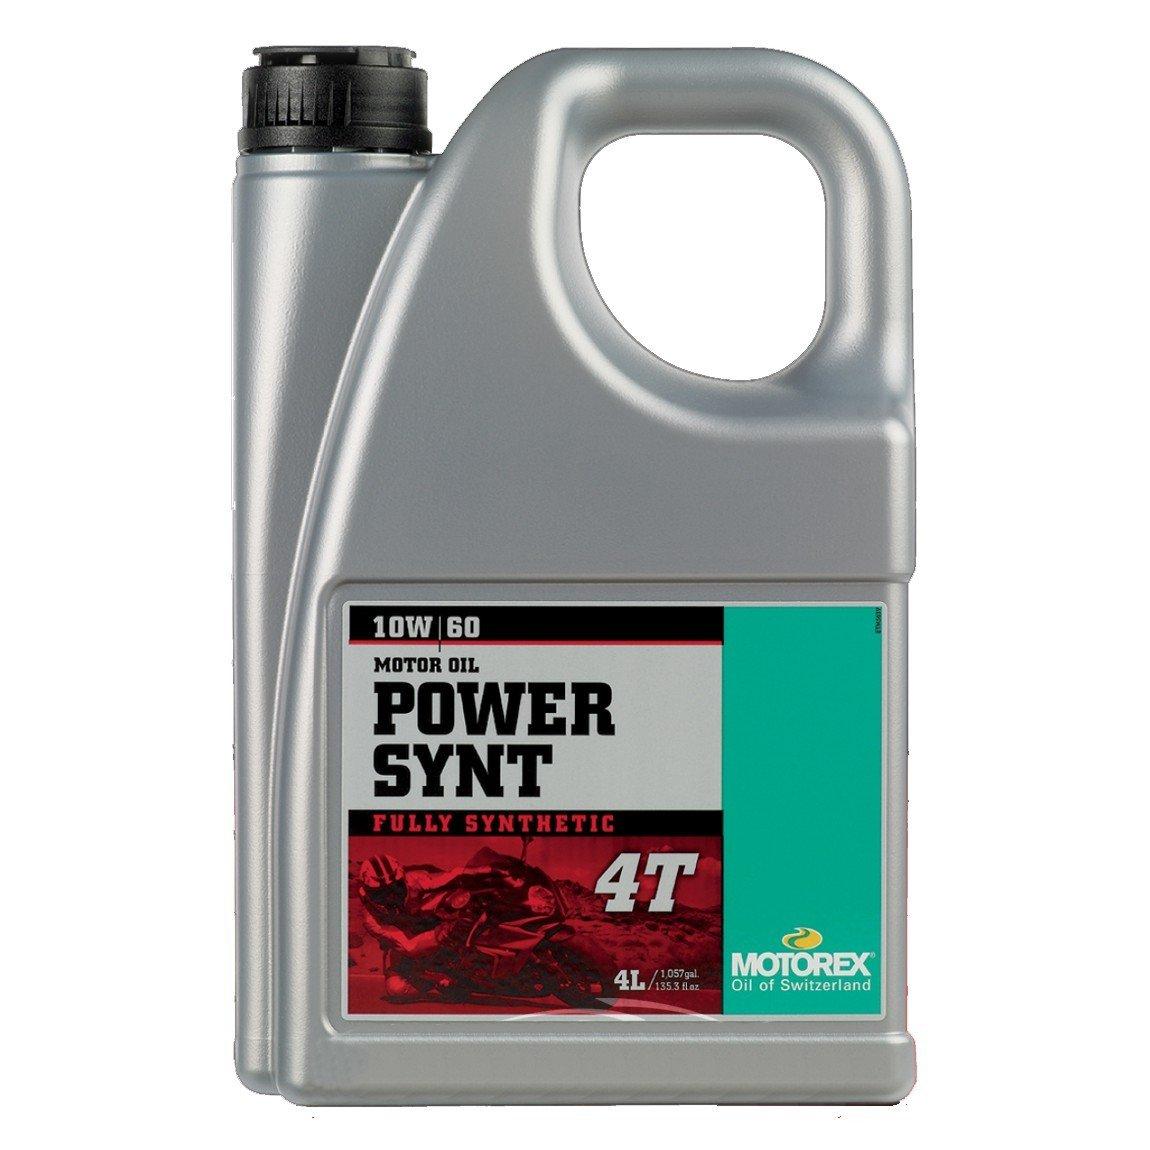 Motorex Power Synt 4T 10W-60, 4 l